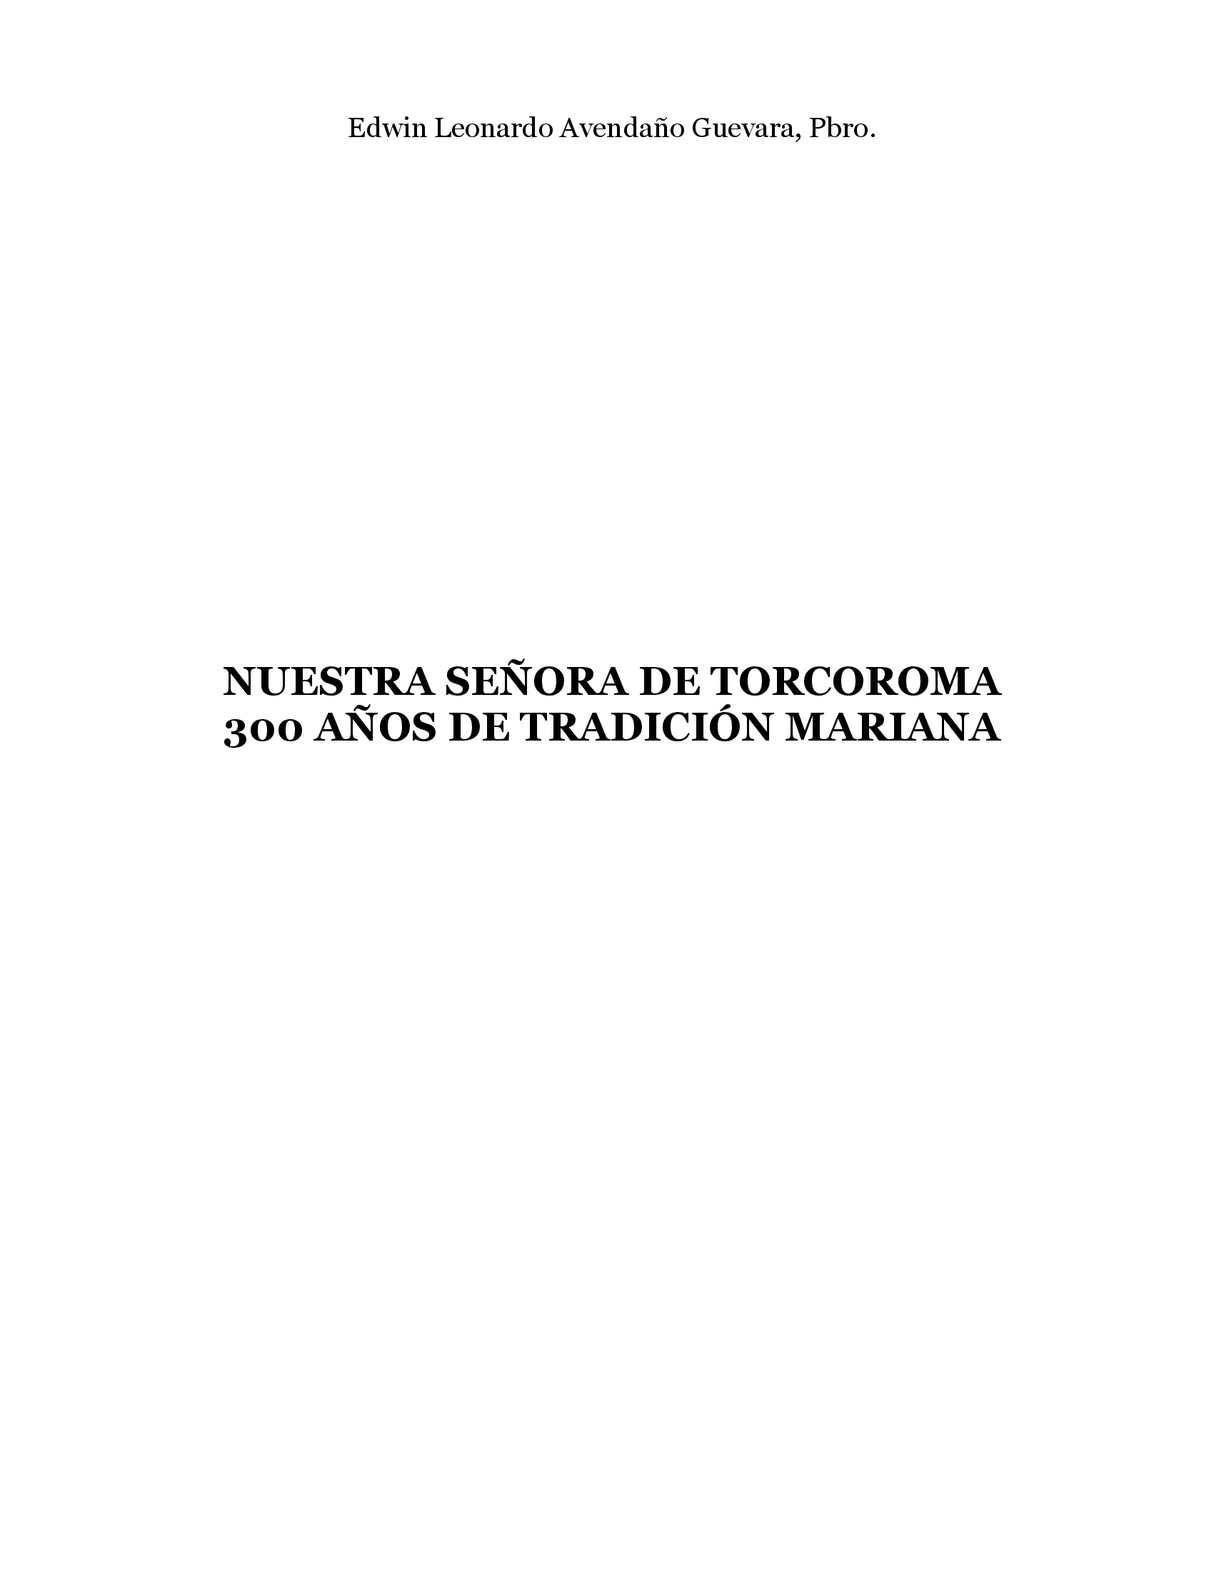 d462593bcf Calaméo - NUESTRA SEÑORA DE TORCOROMA - 300 AÑOS DE TRADICIÓN MARIANA